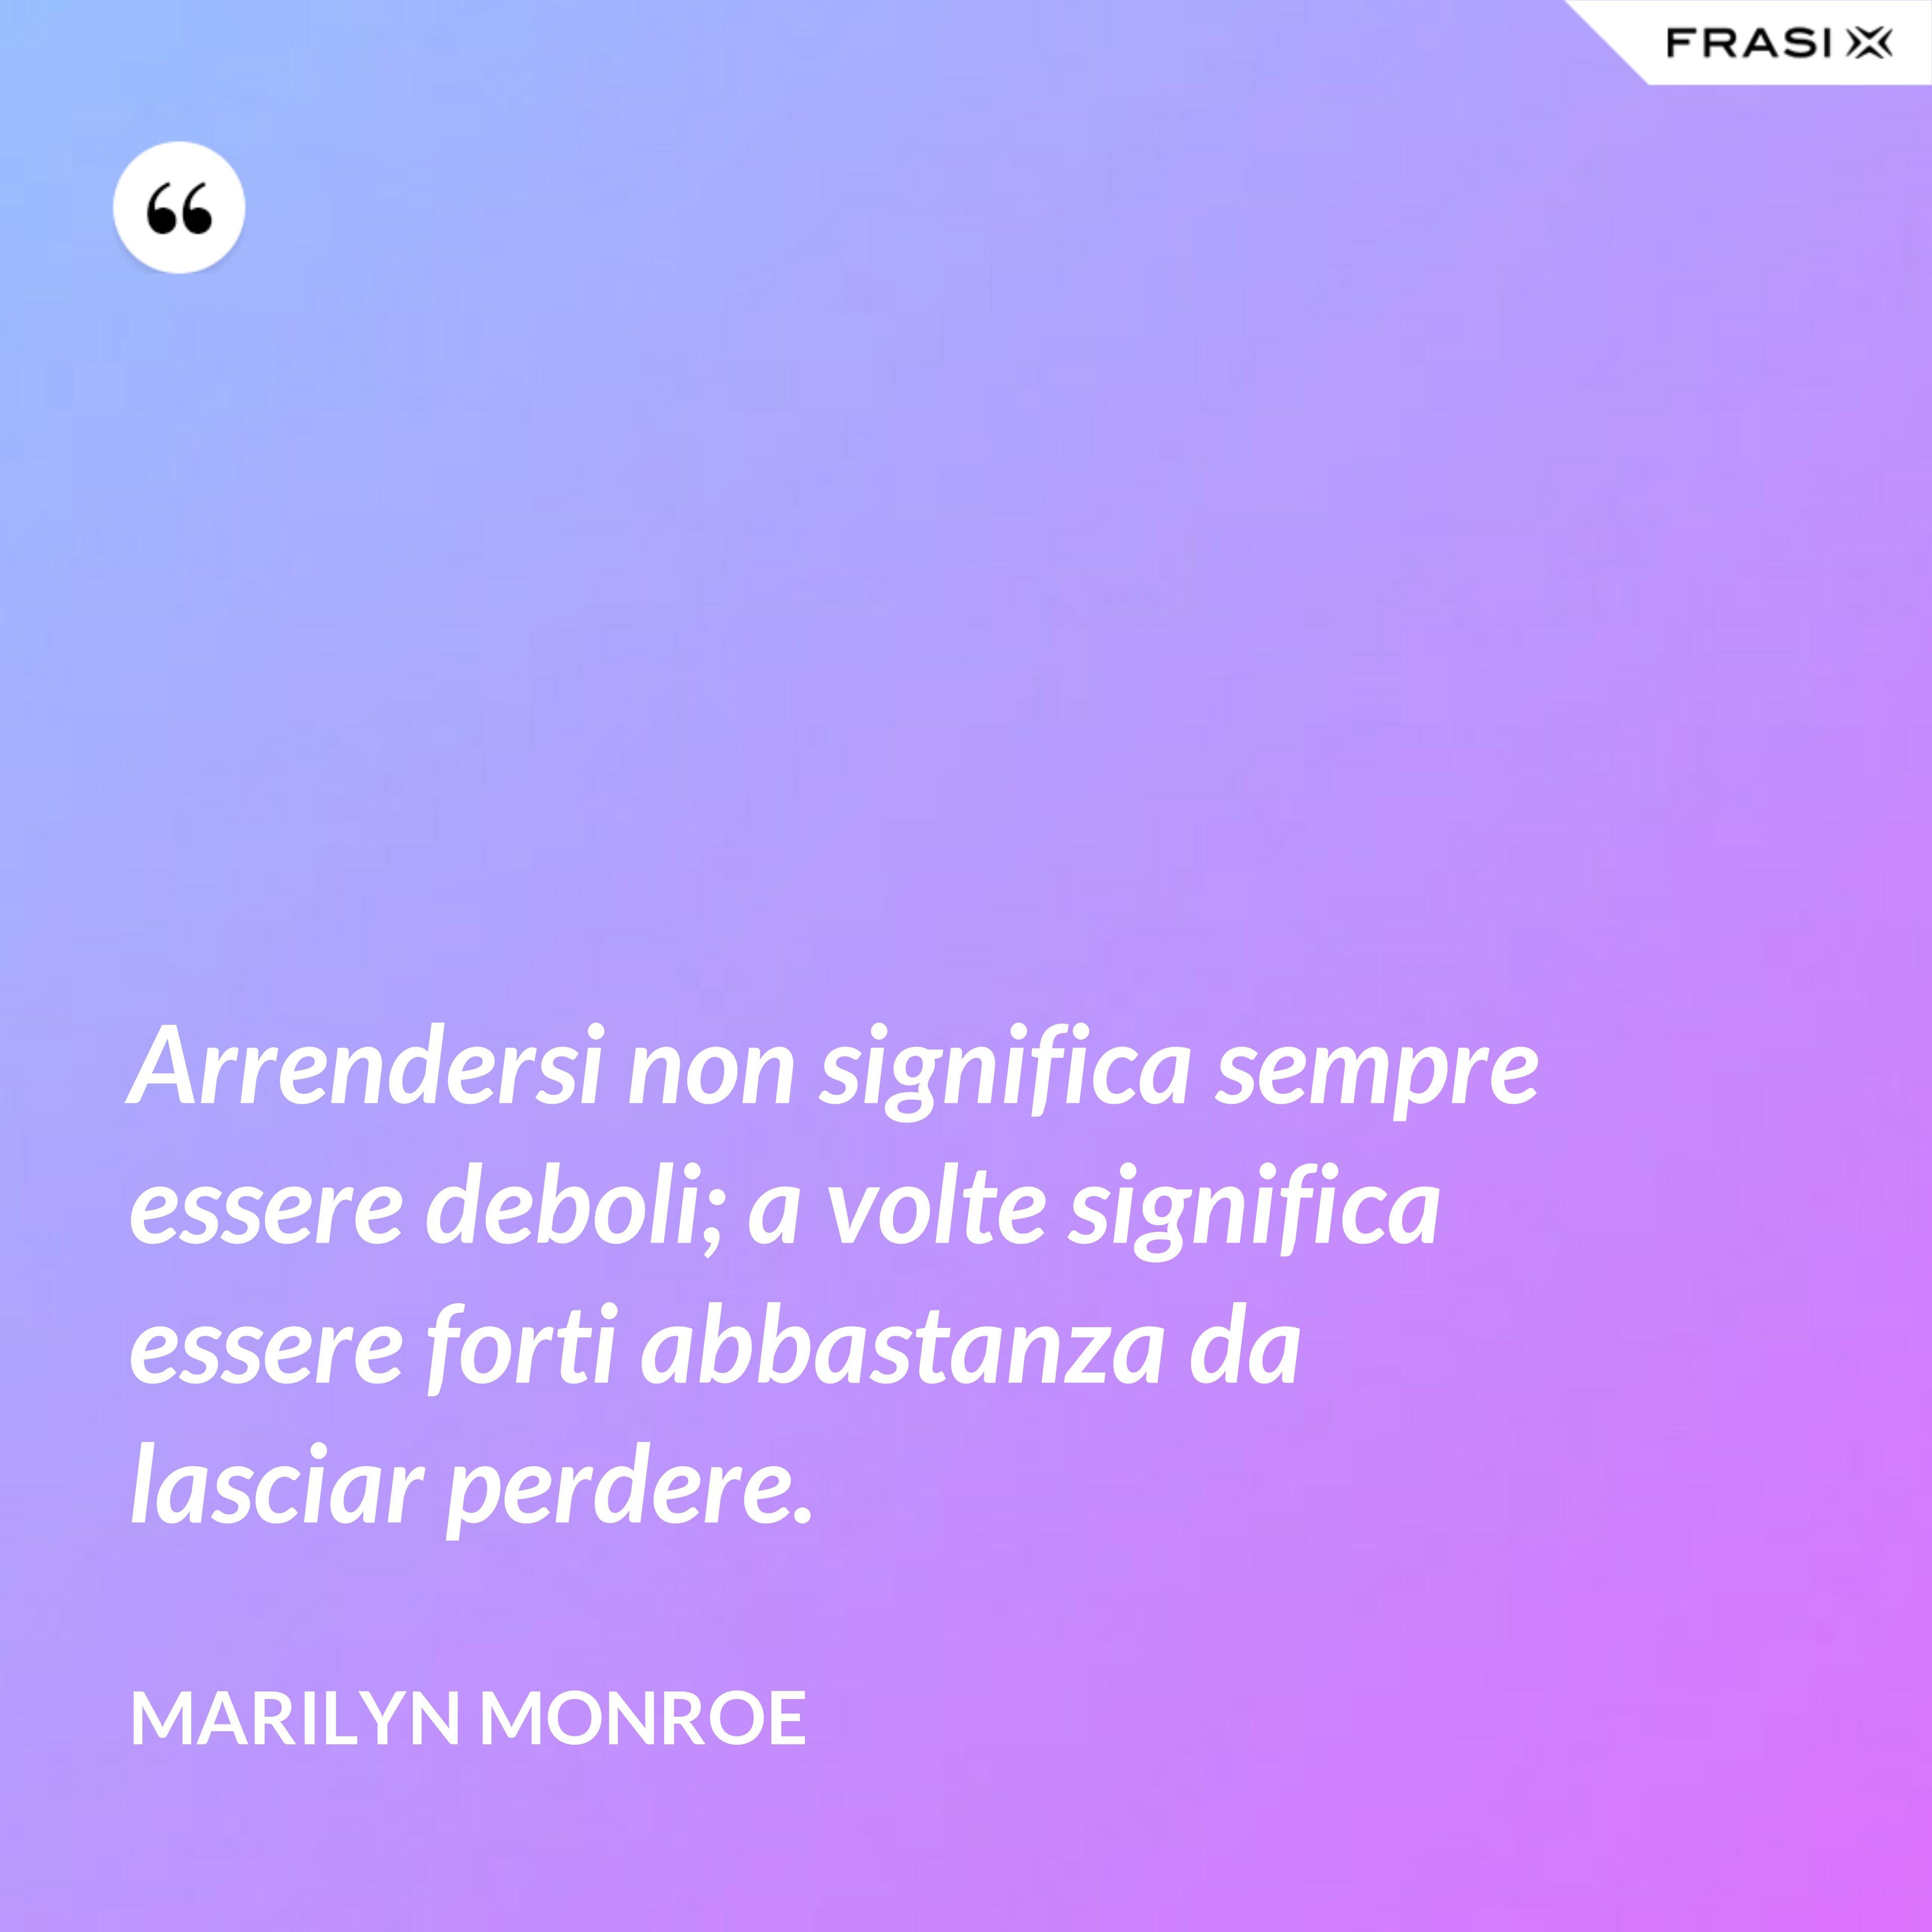 Arrendersi non significa sempre essere deboli; a volte significa essere forti abbastanza da lasciar perdere. - Marilyn Monroe